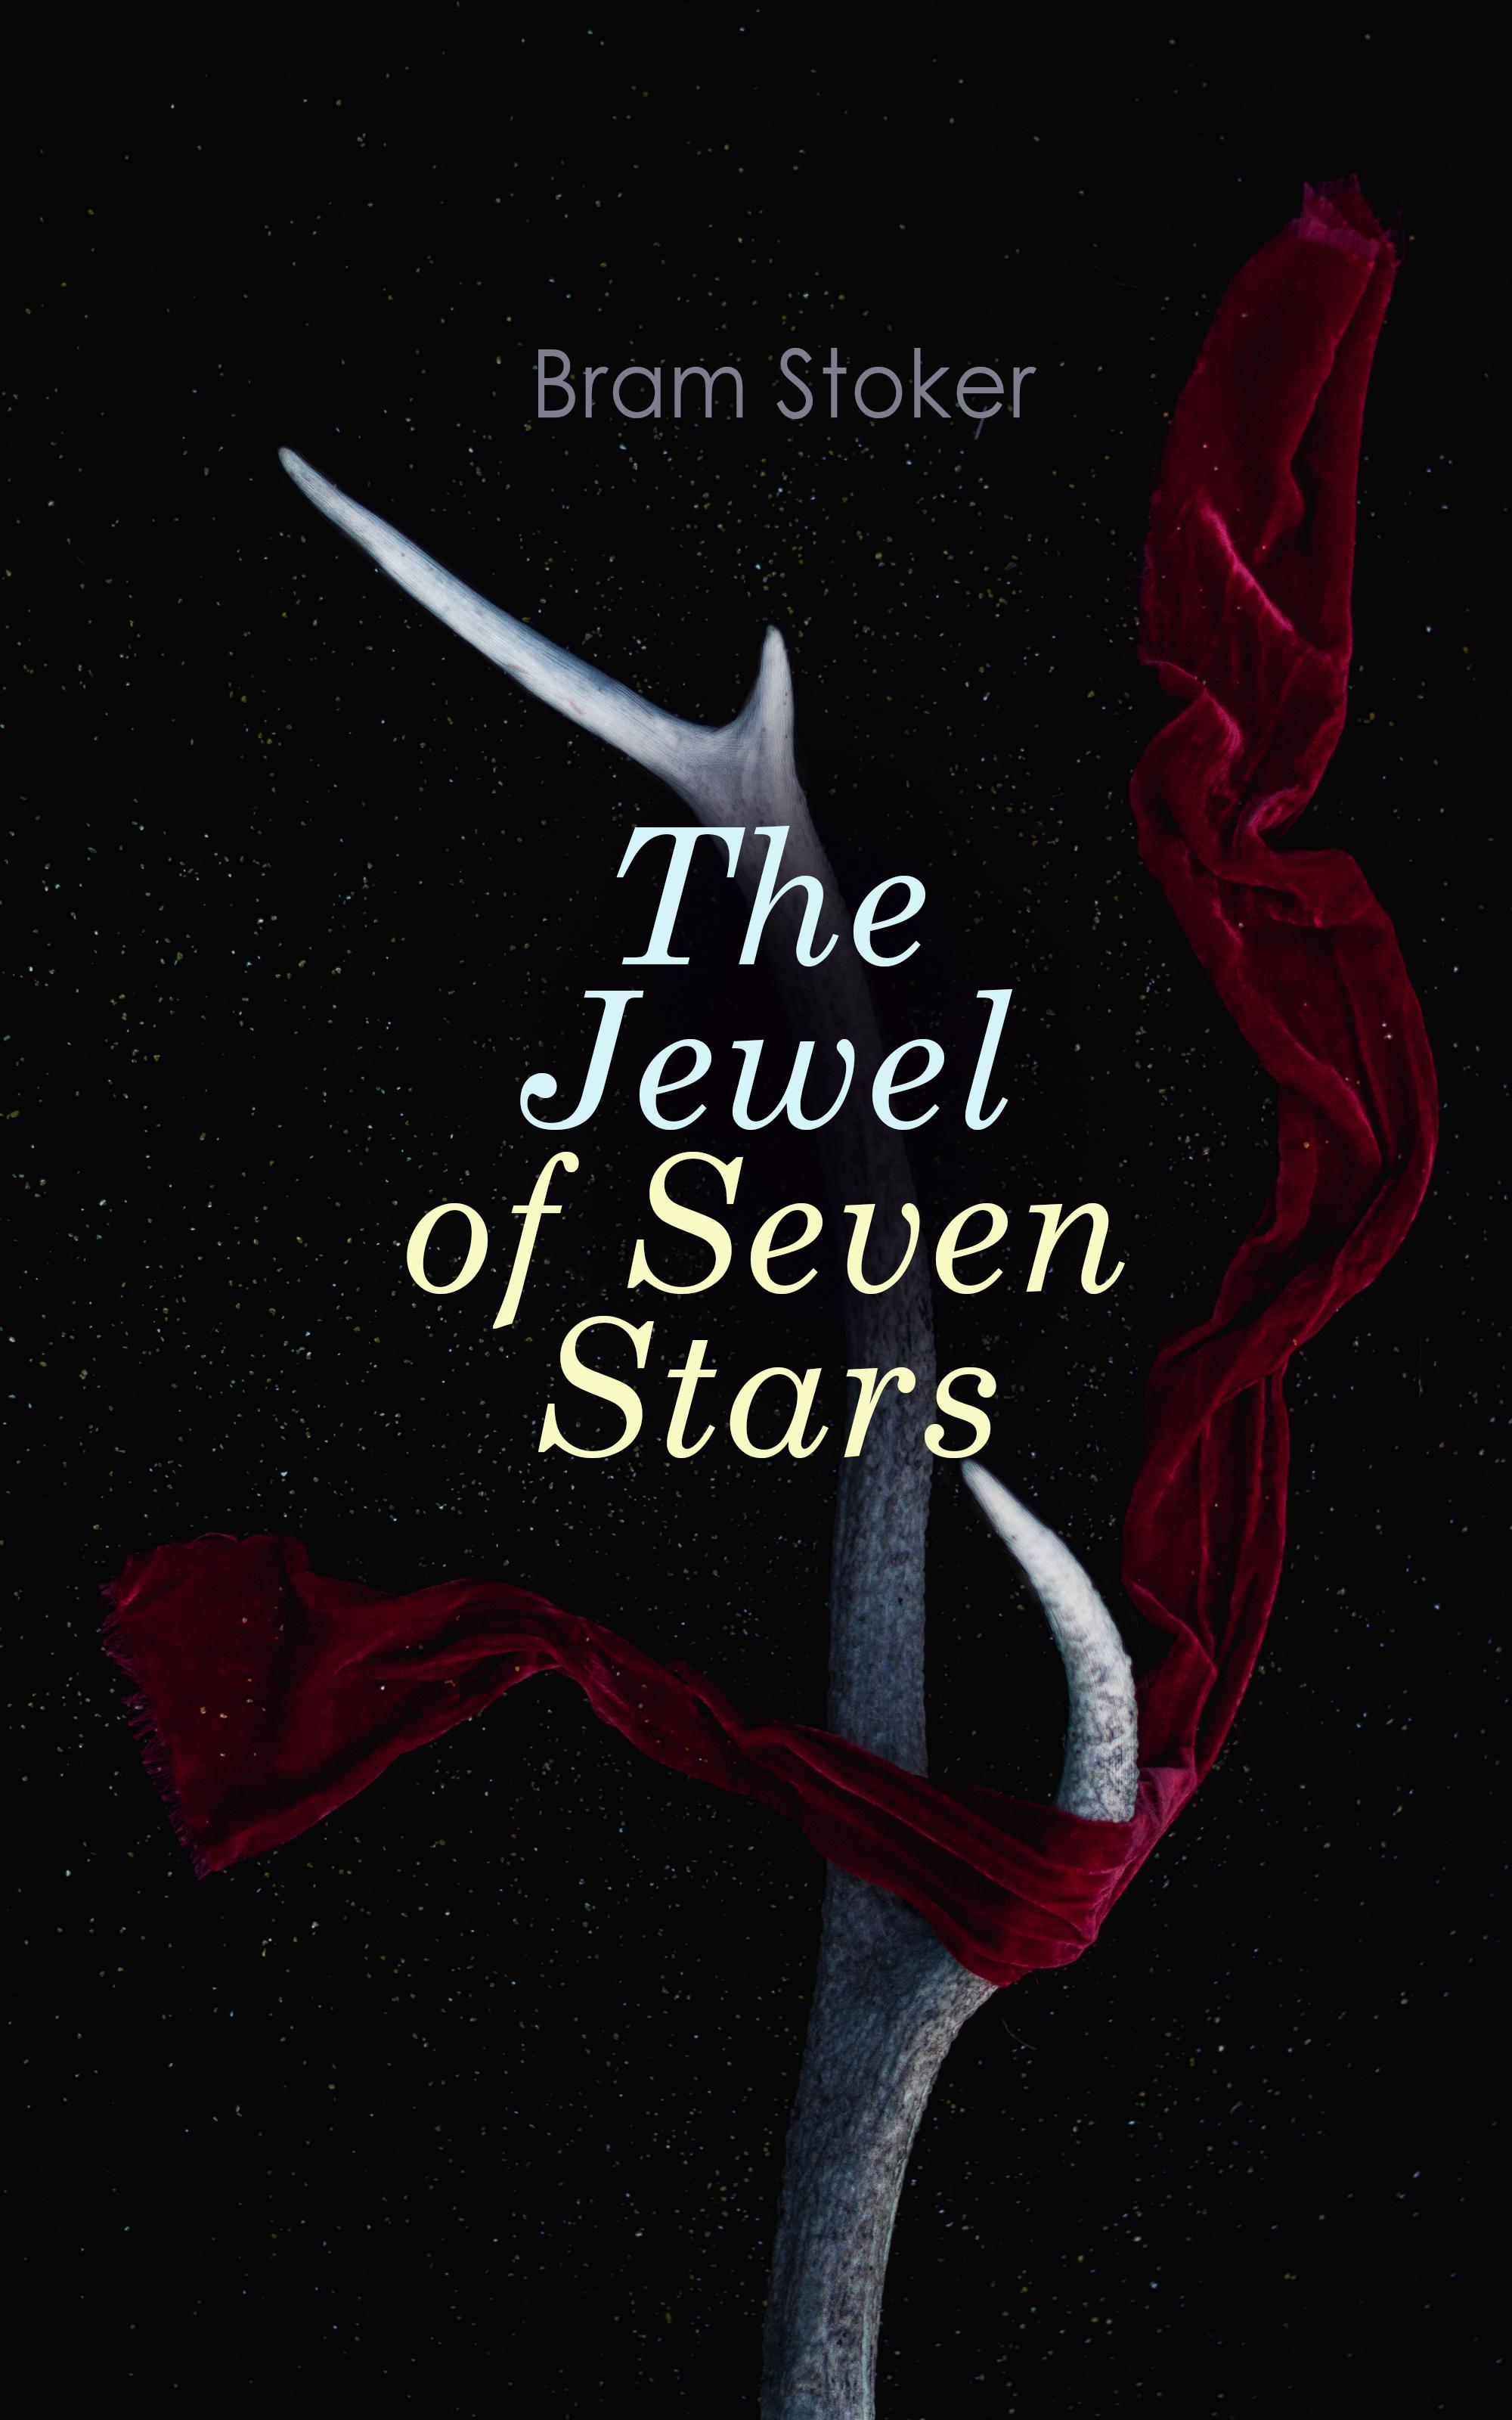 Bram Stoker The Jewel of Seven Stars stoker bram drakula isbn 978 5 521 00197 2